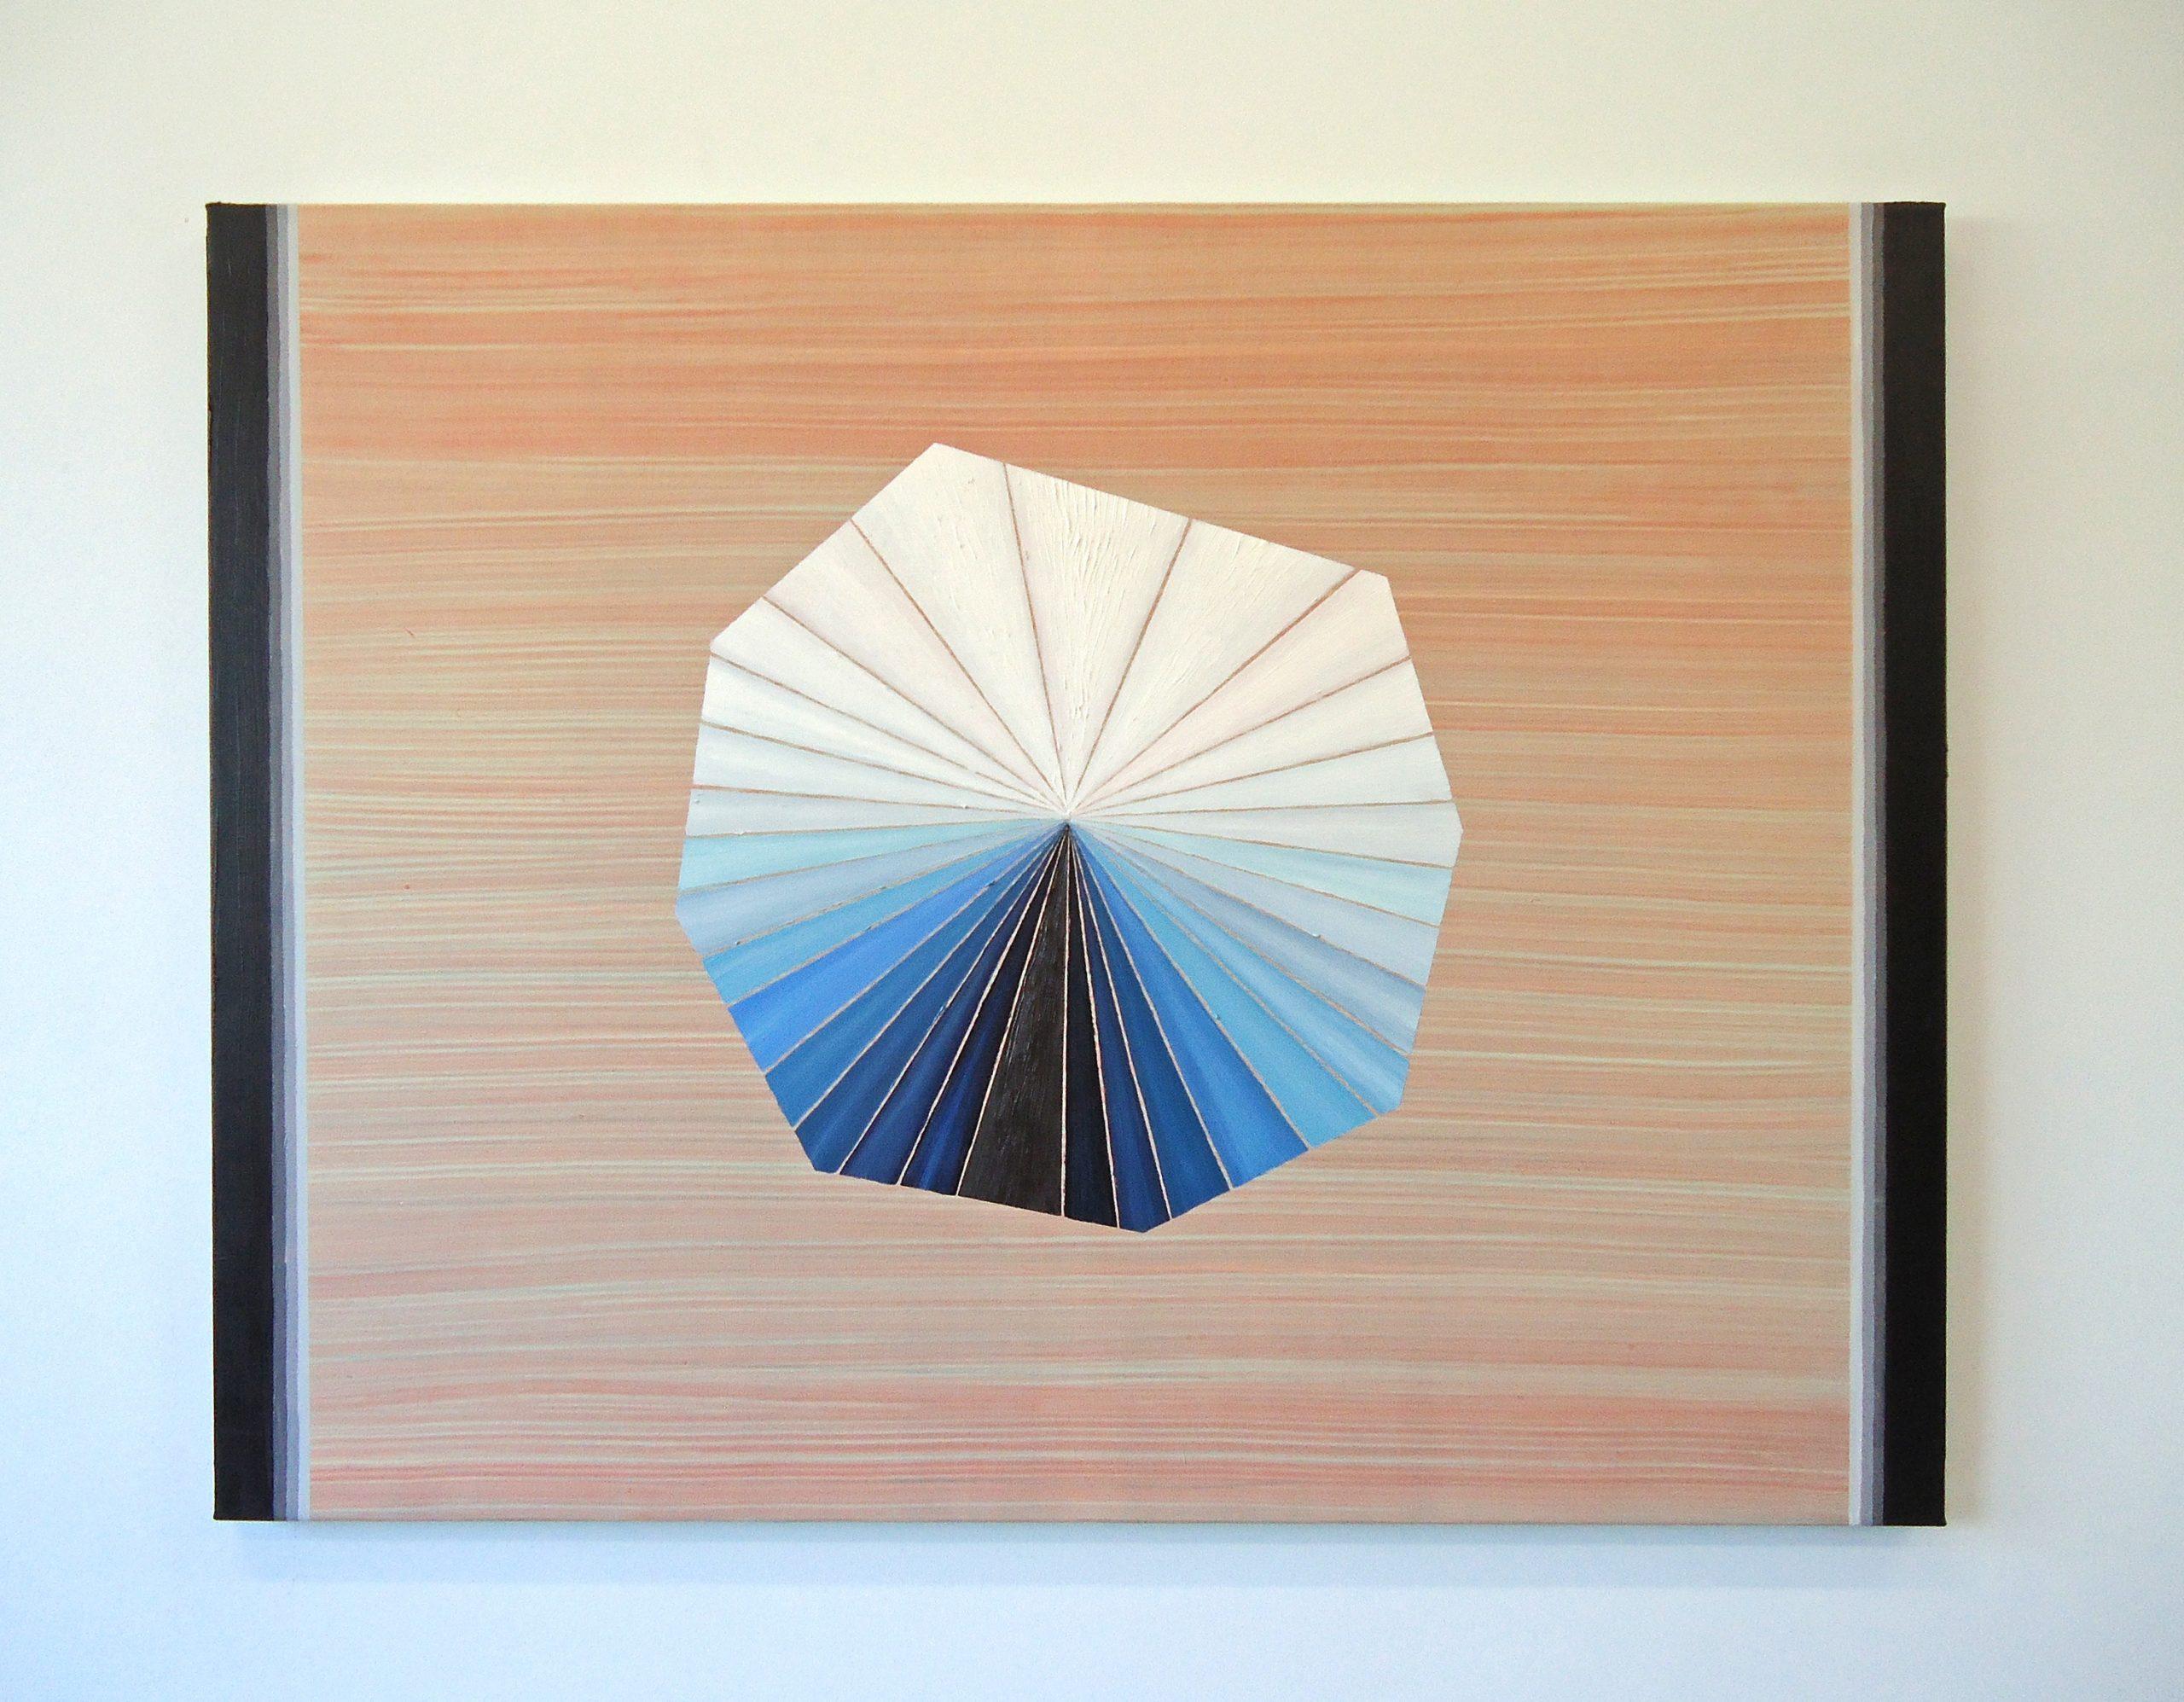 2017. octogono 3, 89 x 116cm, oleo sobre lienzo